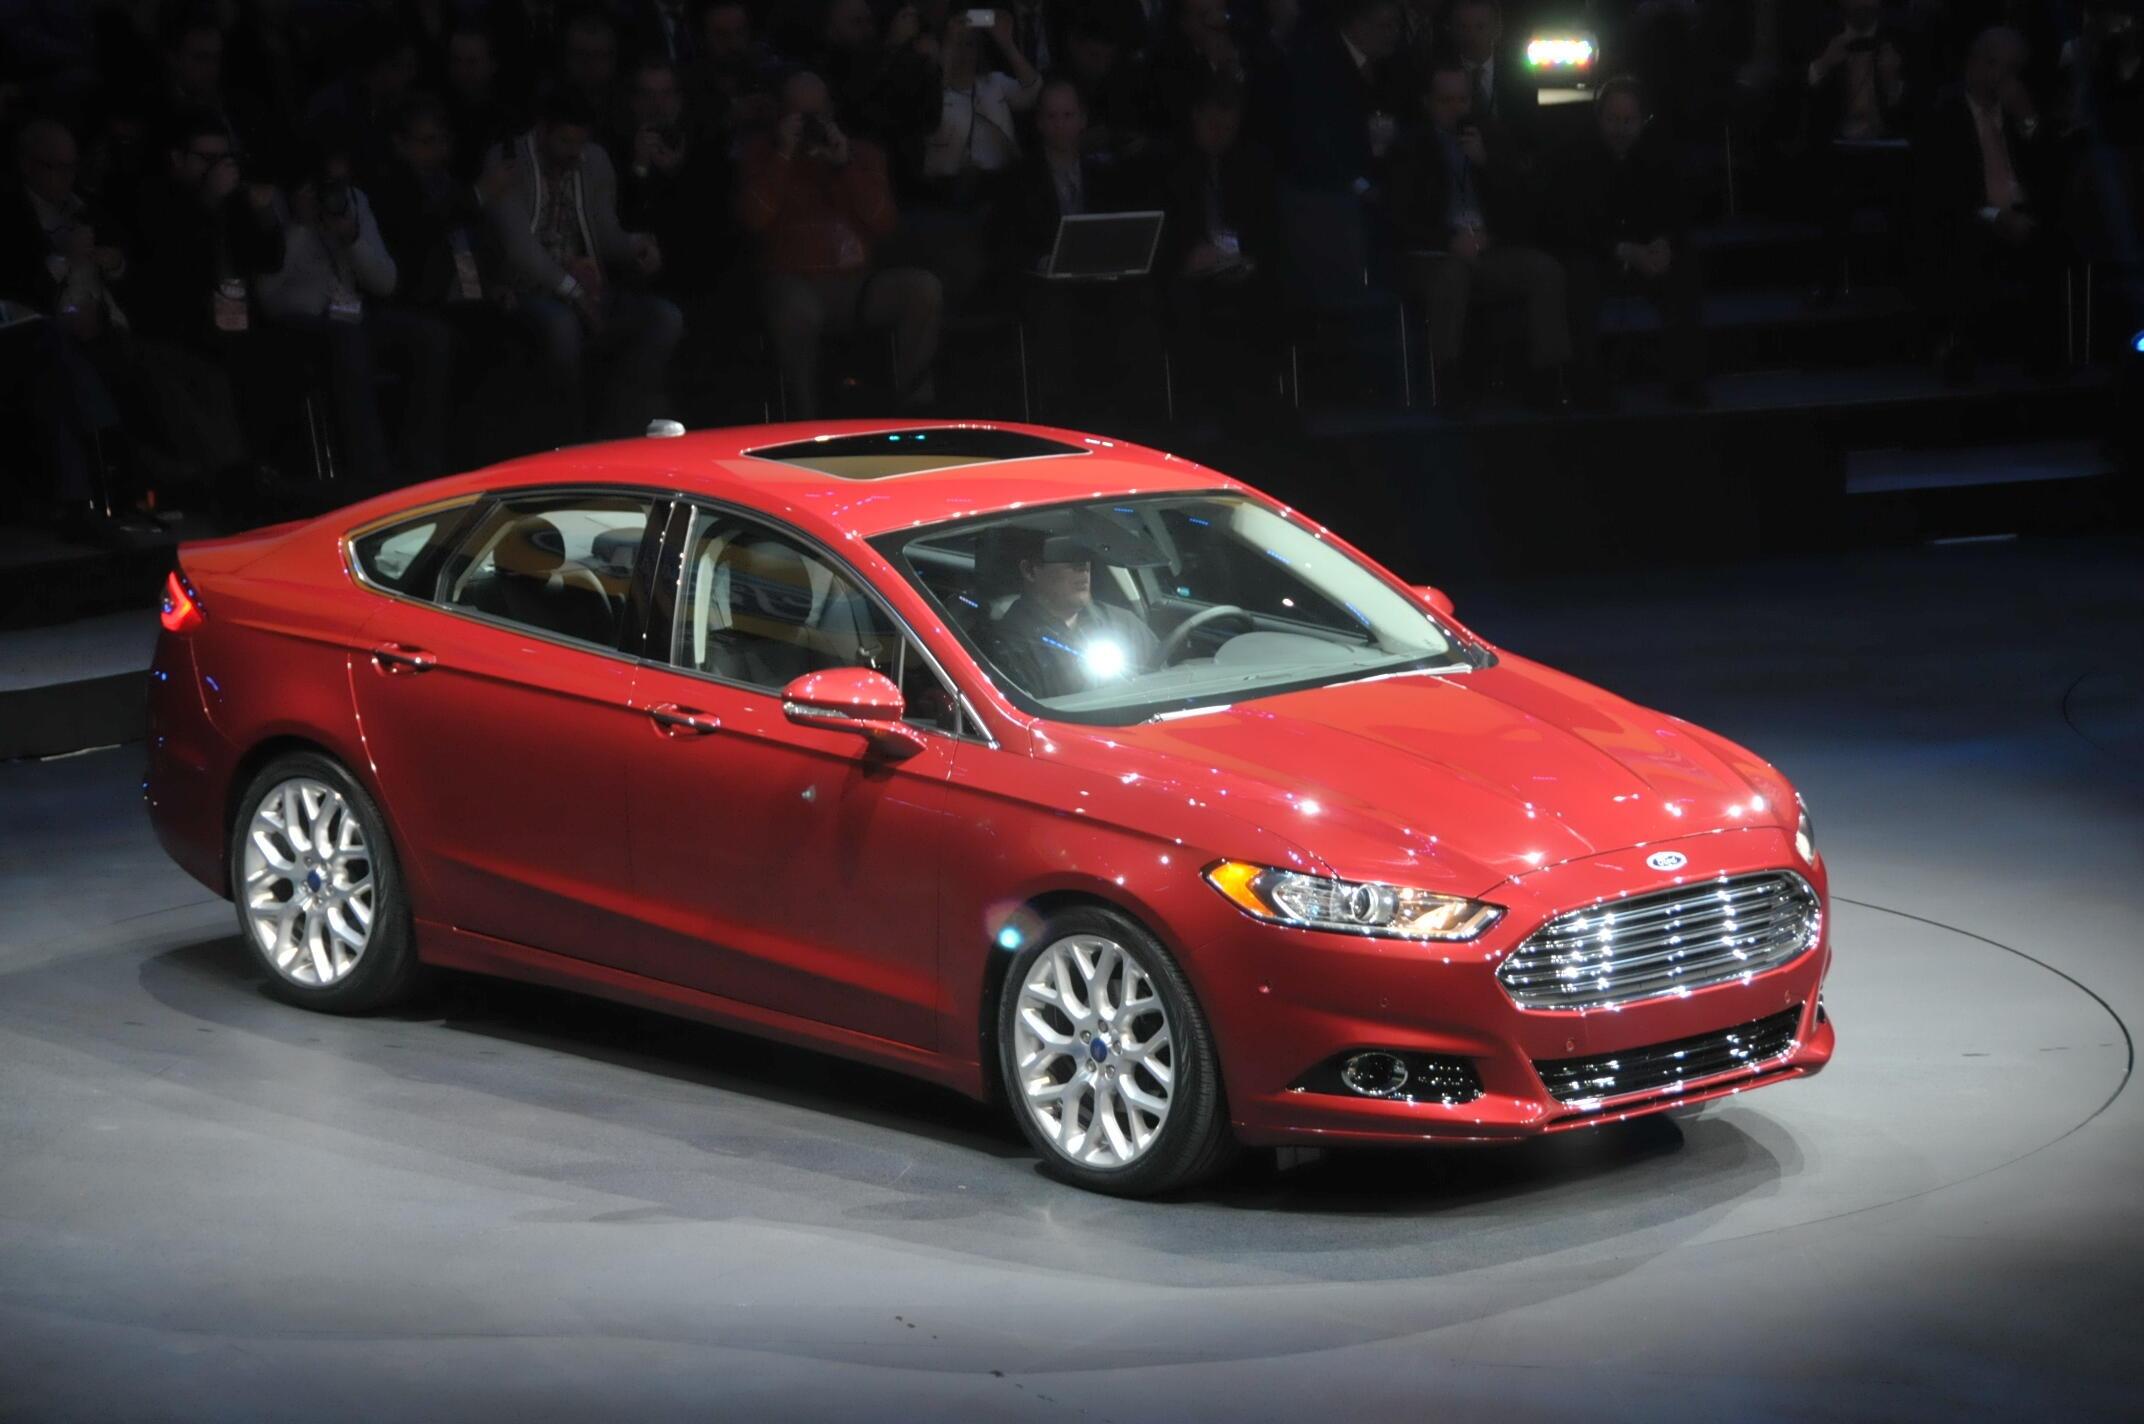 La nouvelle Ford Fusion, présentée lors du salon automobile de Détroit.